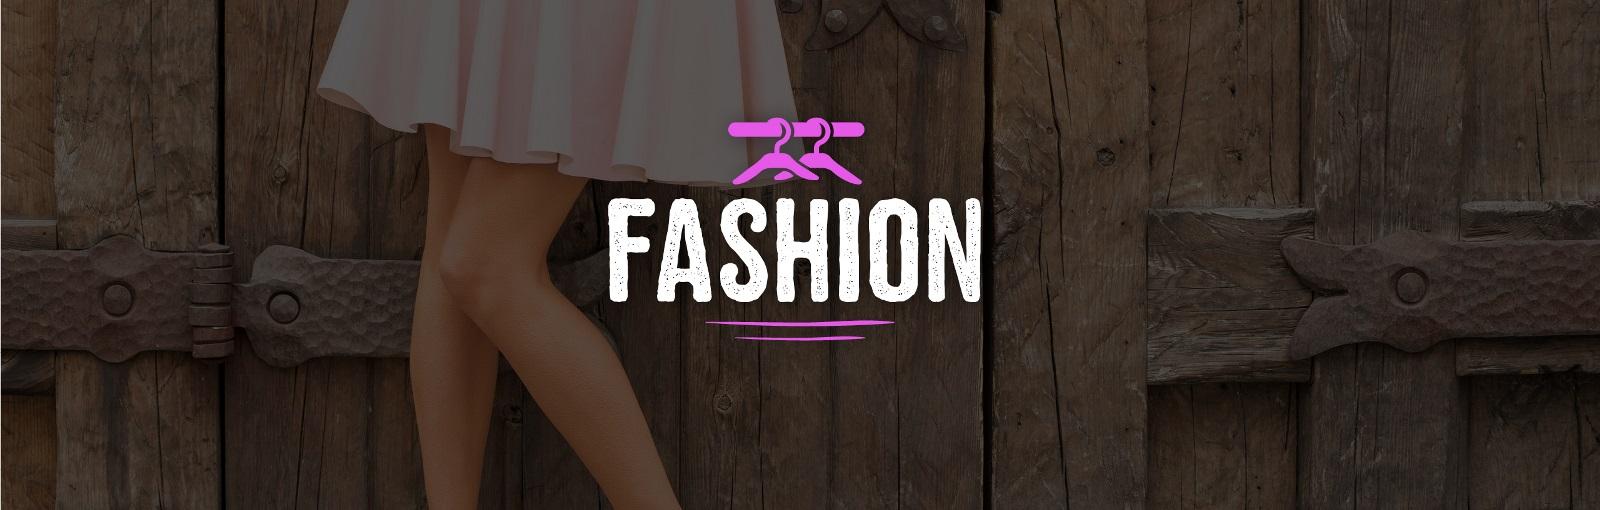 CM-000158_A_Summer_Fashion_2560x816_PROOF_20160531a